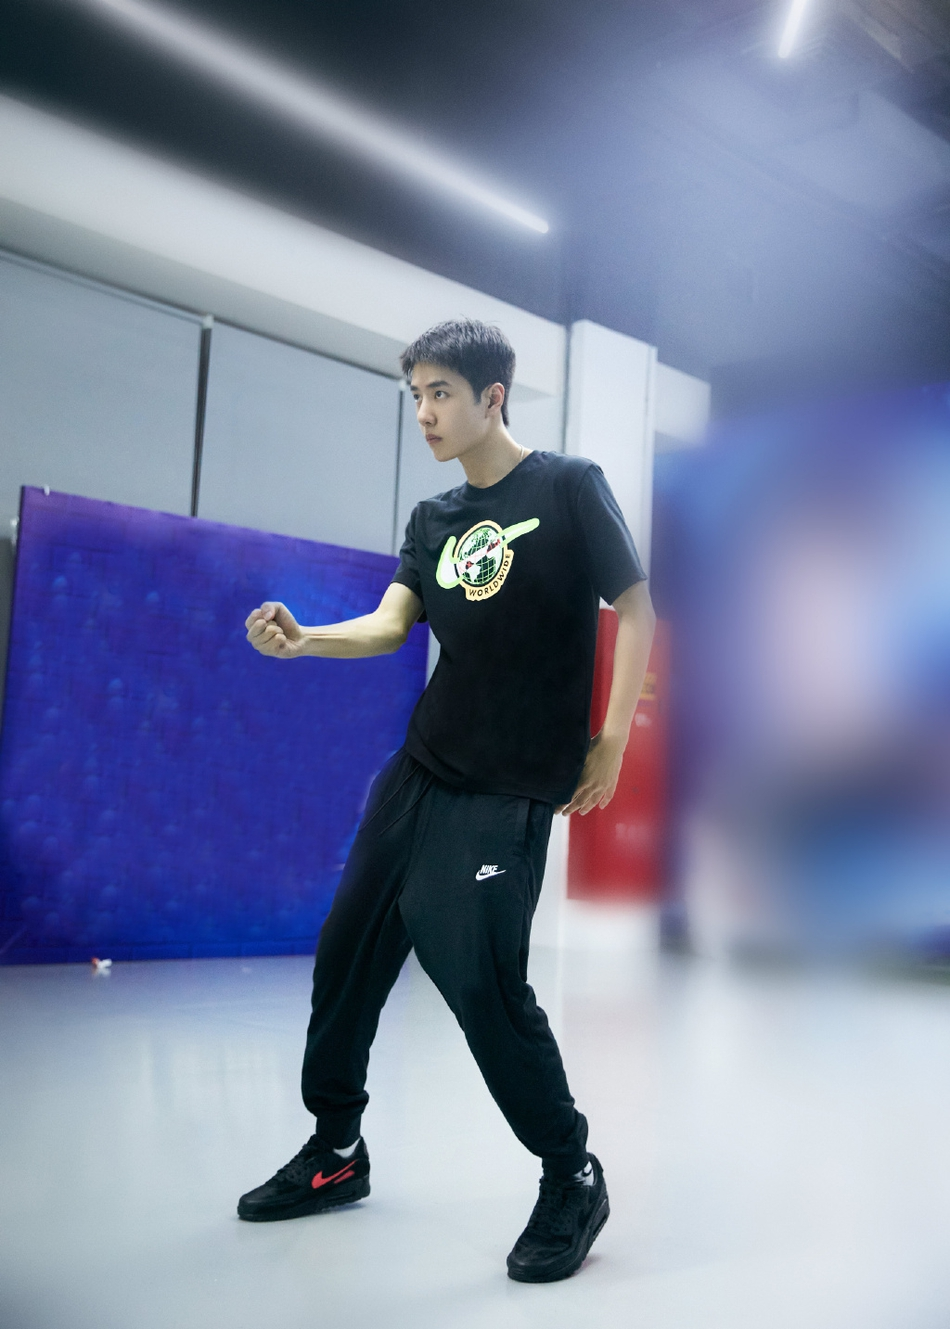 组图:王一博练习室练舞眼神坚定 黑T配短发干练帅气